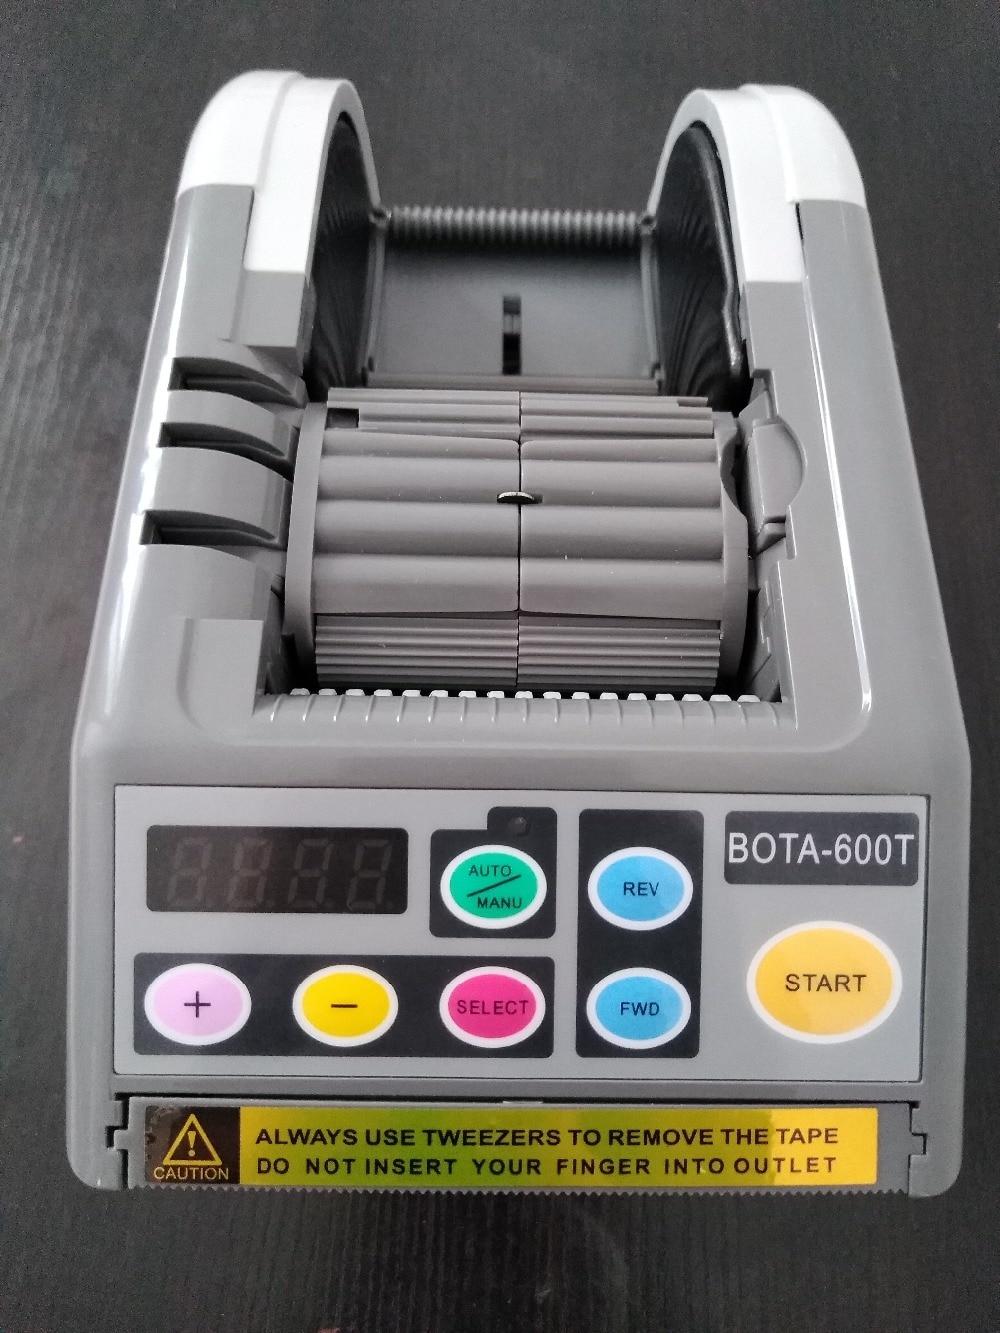 Dispensador automático de cinta para microordenador BOTA-600T, ancho - Accesorios para herramientas eléctricas - foto 1